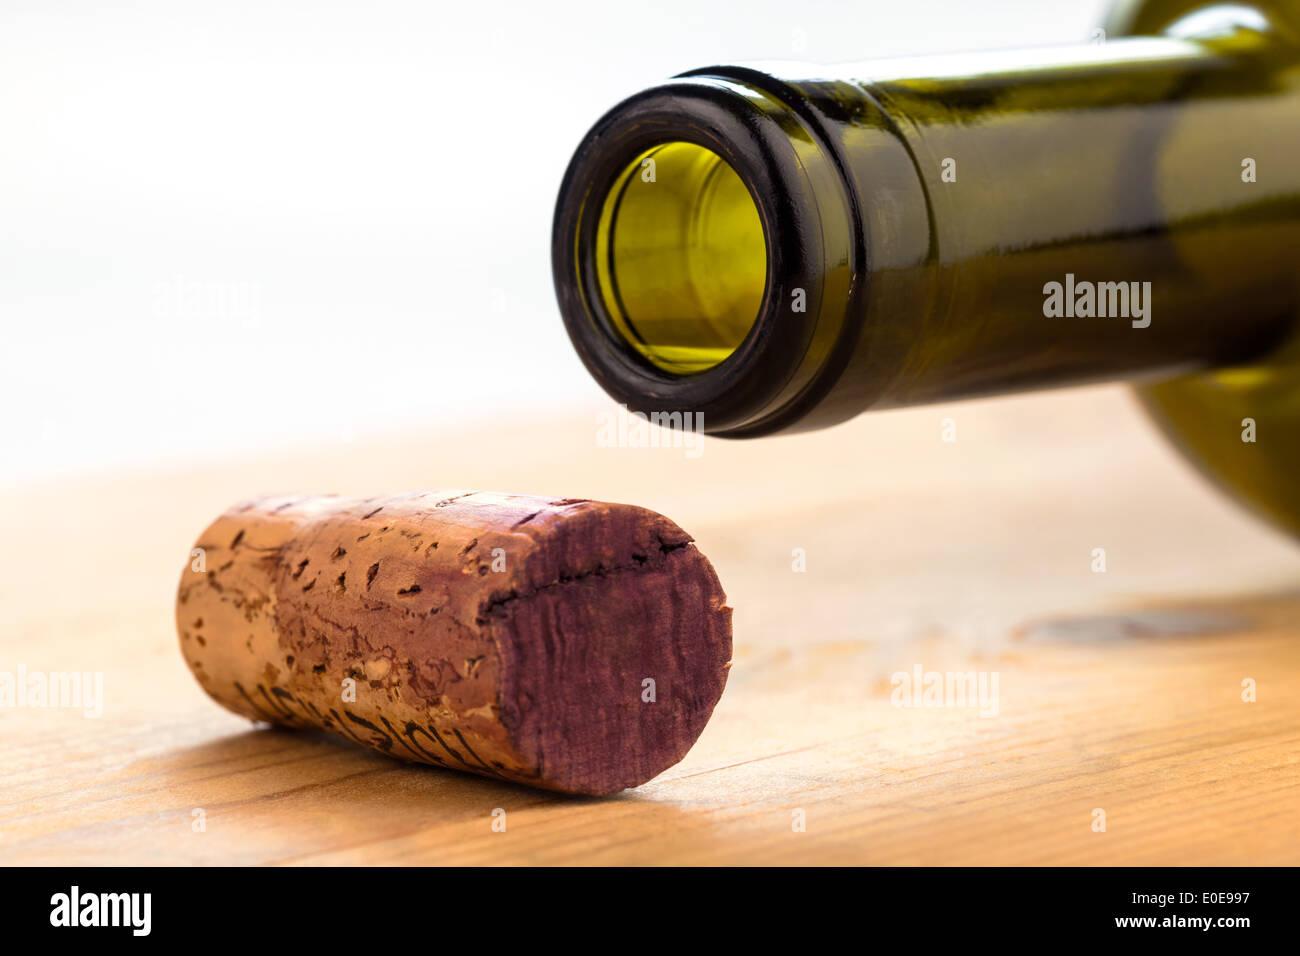 The cork of a bottle of red wine. Bottle and cork, Der Korken einer Flasche Rotwein. Flasche und Korken - Stock Image